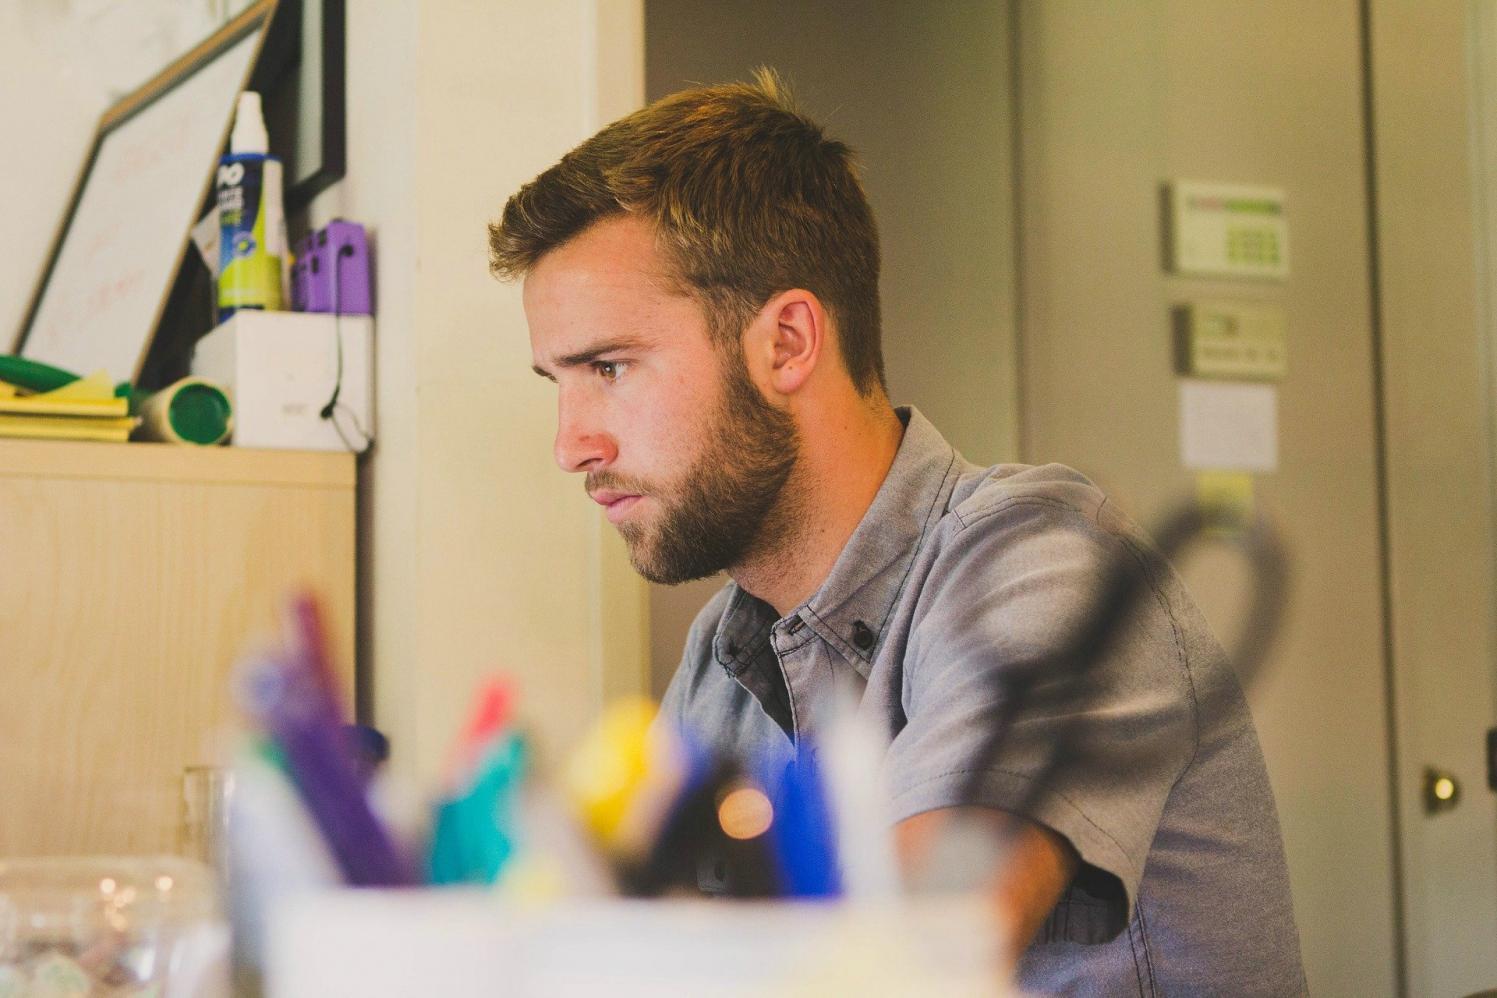 Liderança em home office: como manter a equipe engajada no trabalho remoto